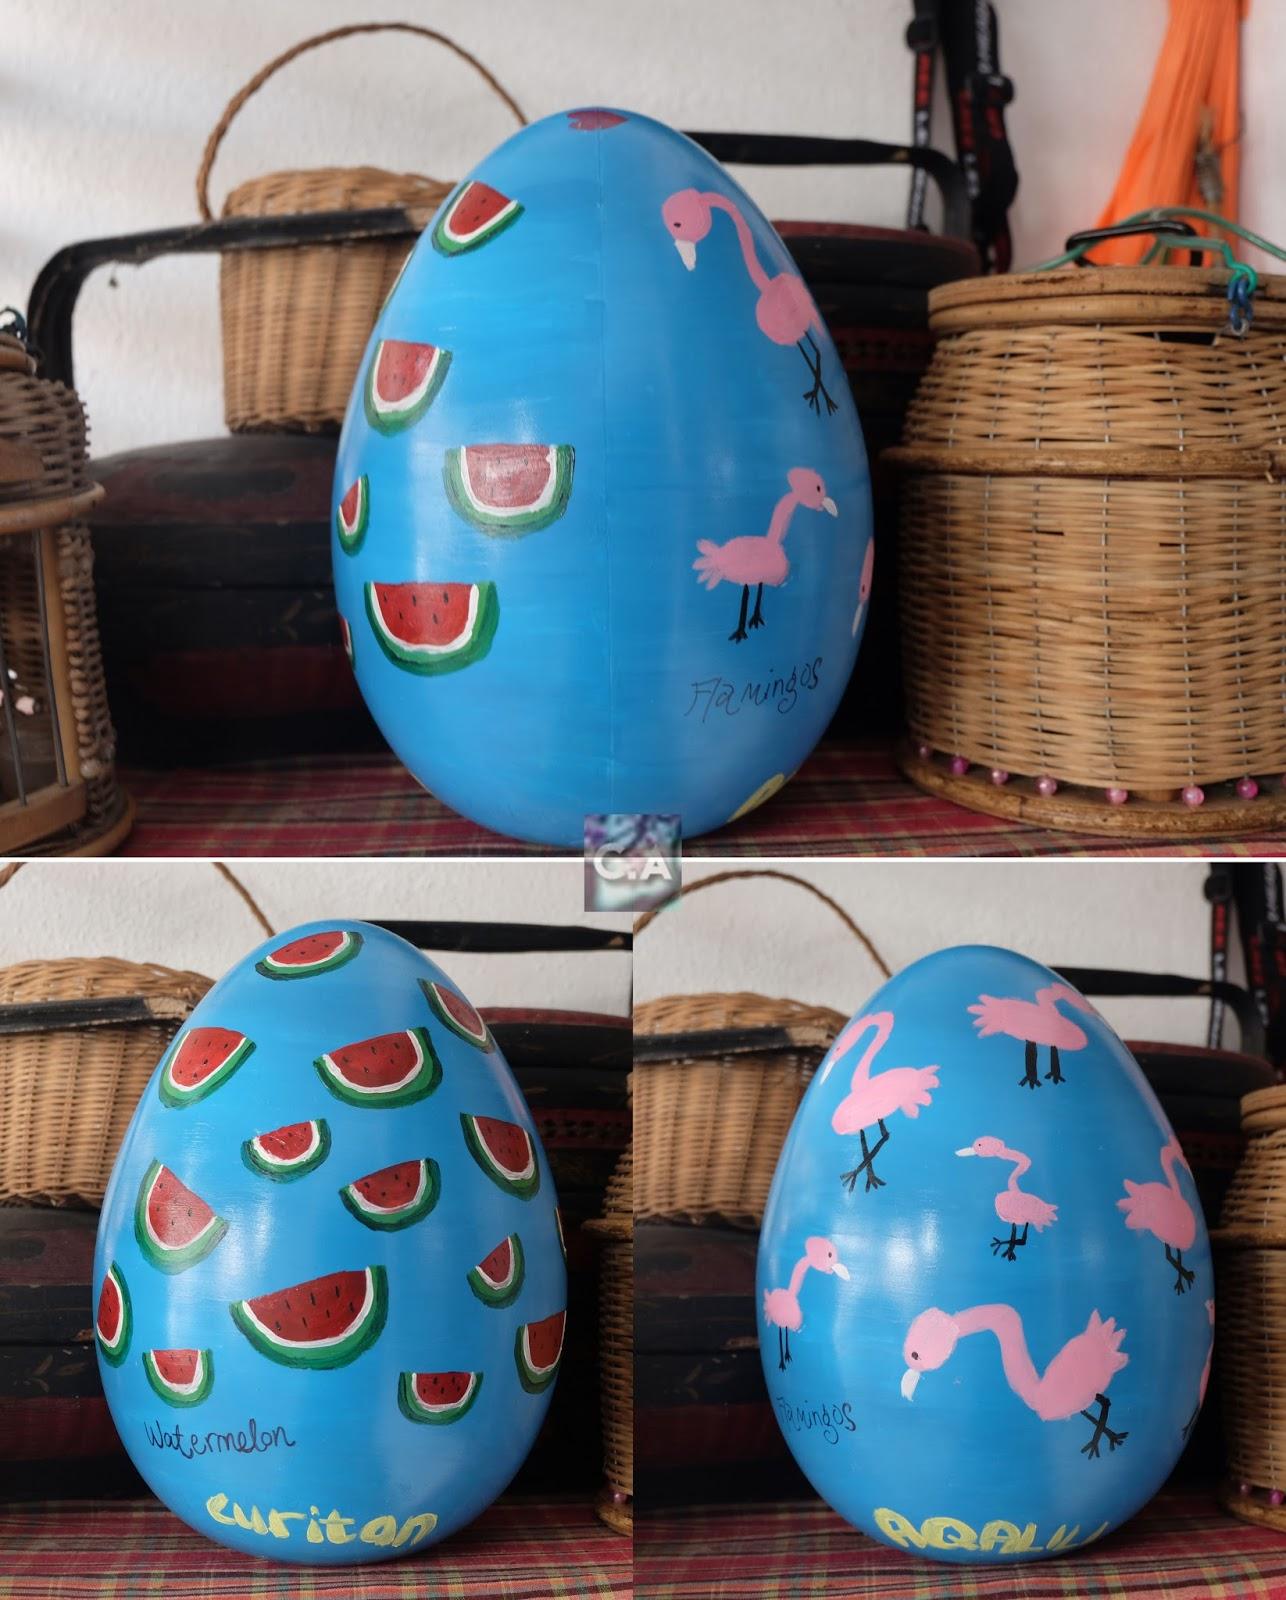 388 Eggmonium